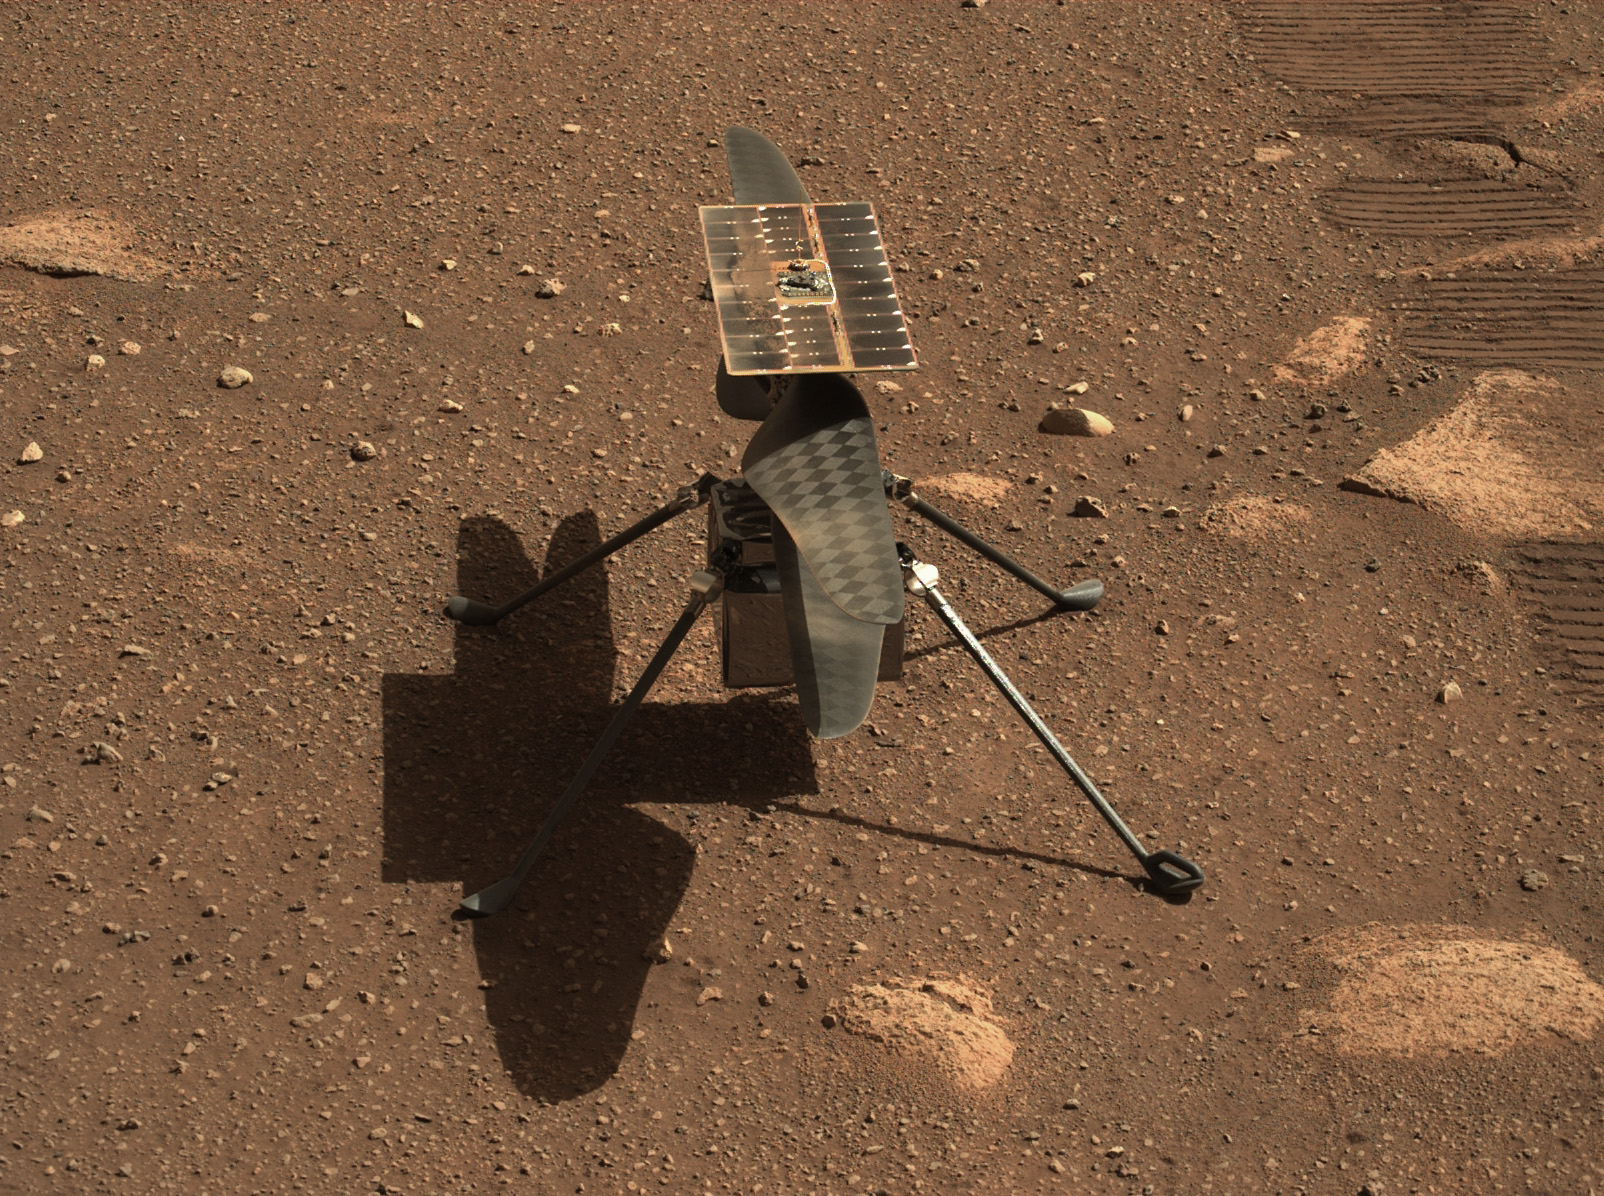 L'ingéniosité de l'hélicoptère sur Mars de la NASA est vue à la surface de la planète rouge par le rover de persévérance le 5 avril 2021.